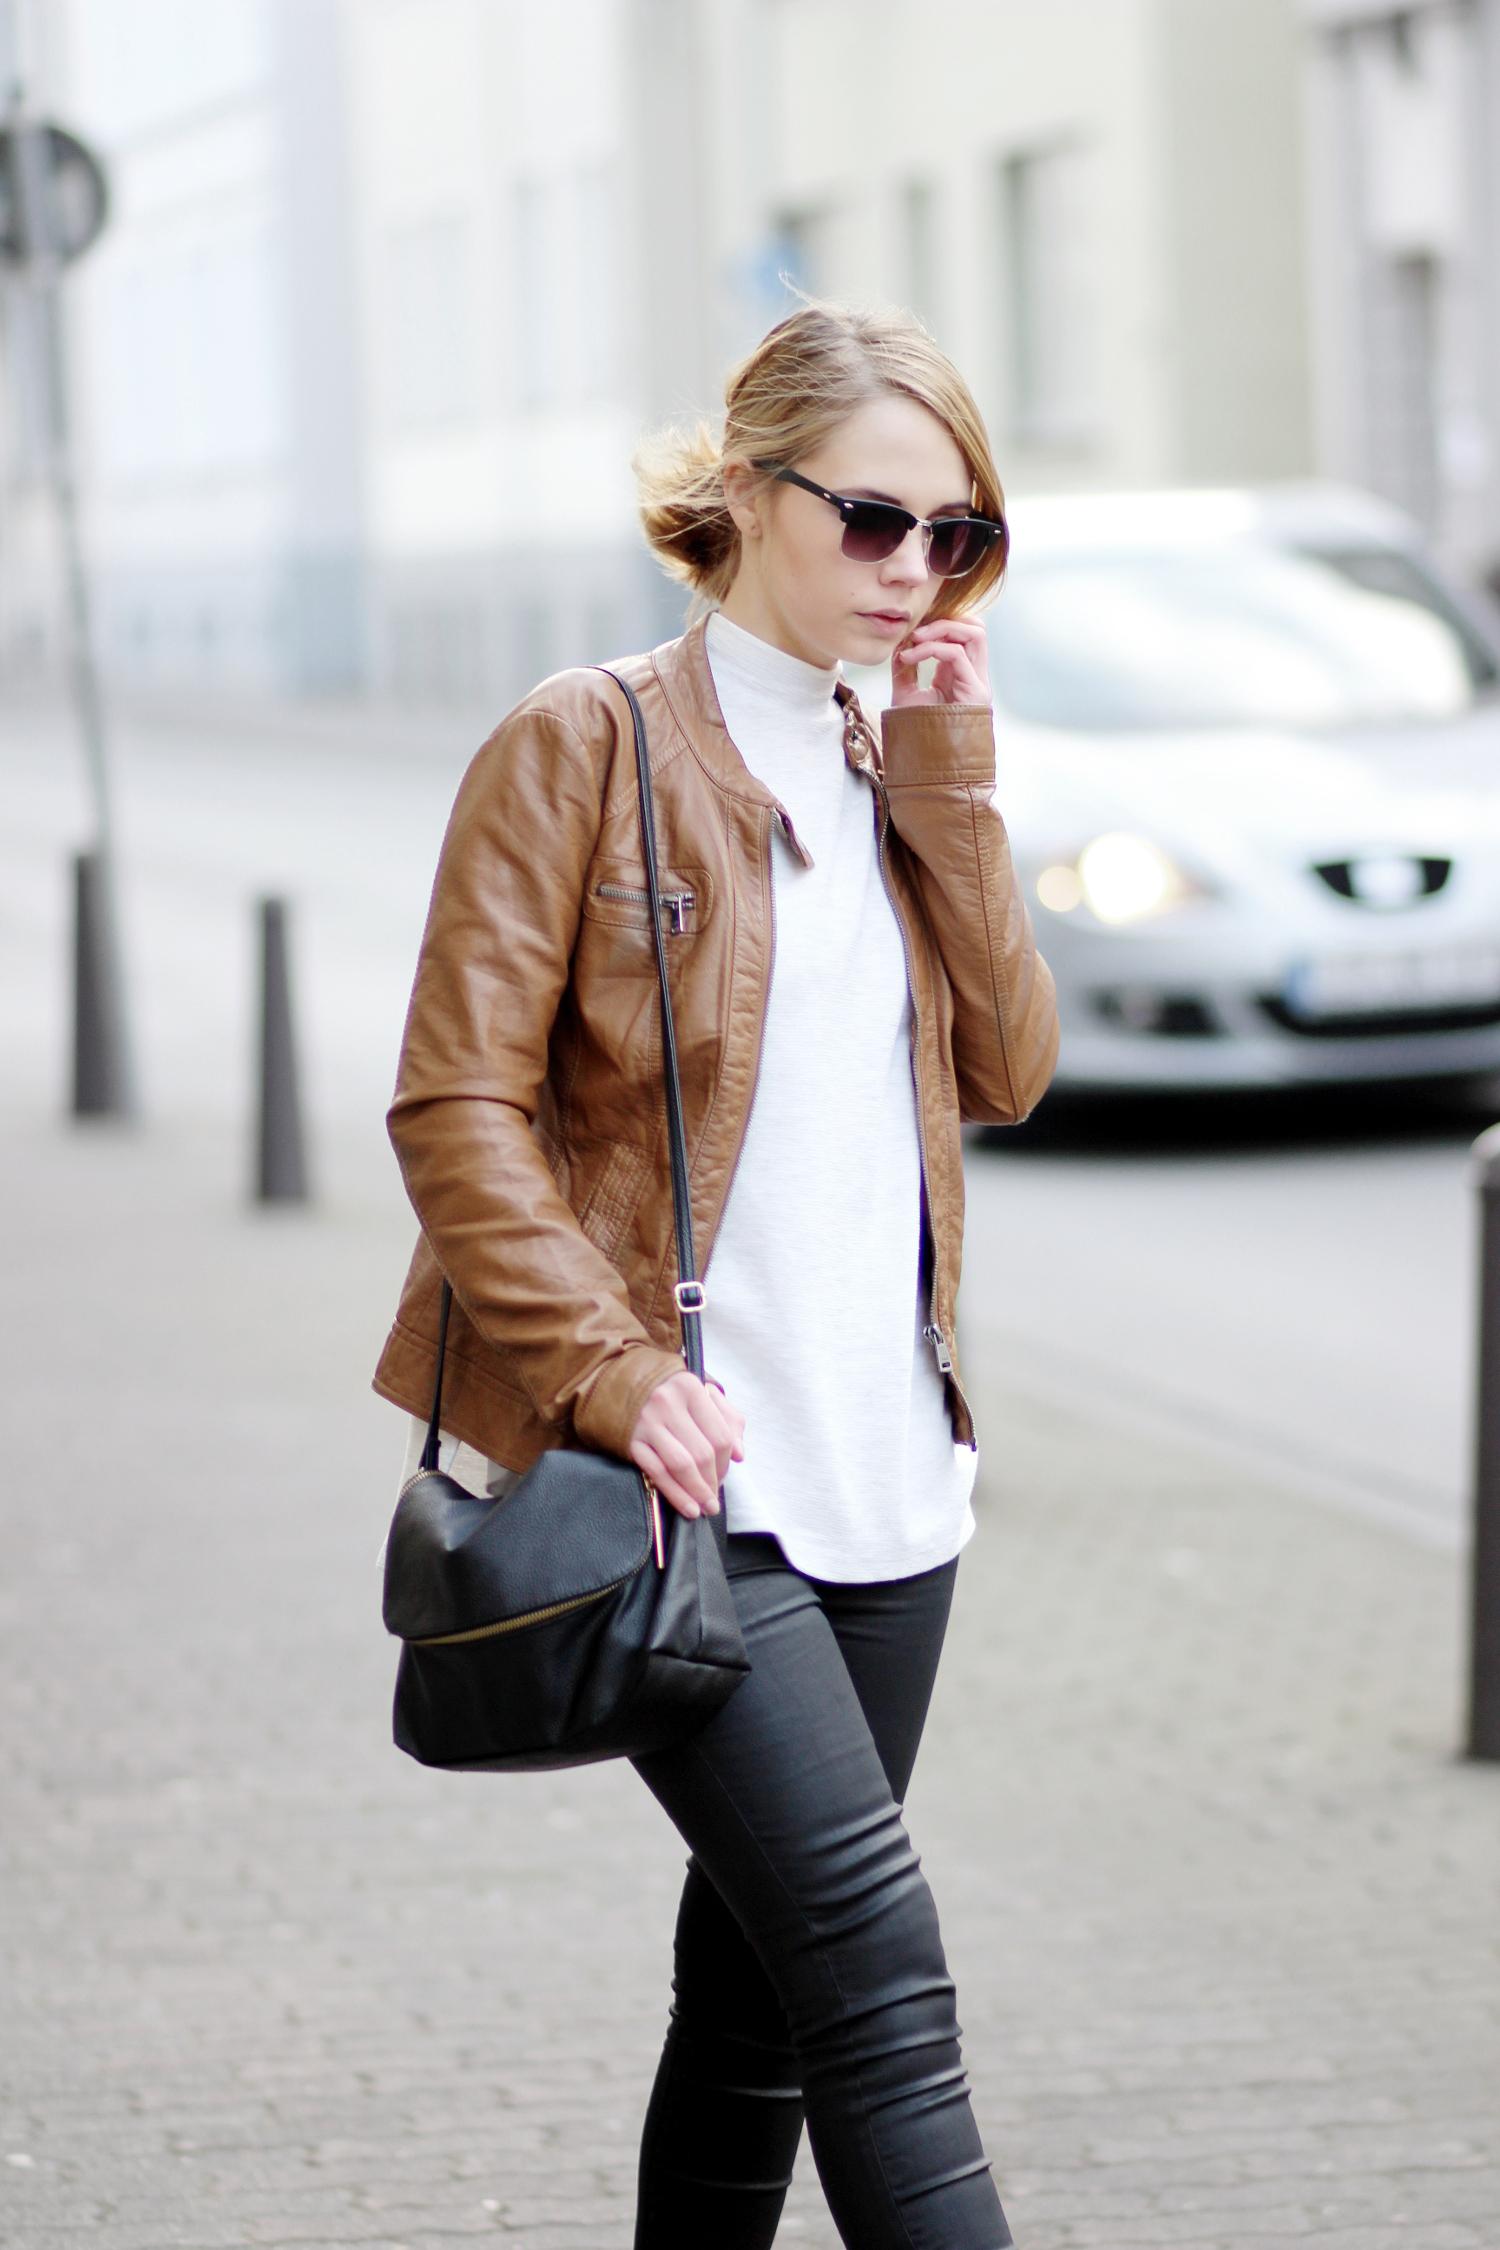 Braune Lederjacke kombinieren mit Zara Sweater und schwarzer